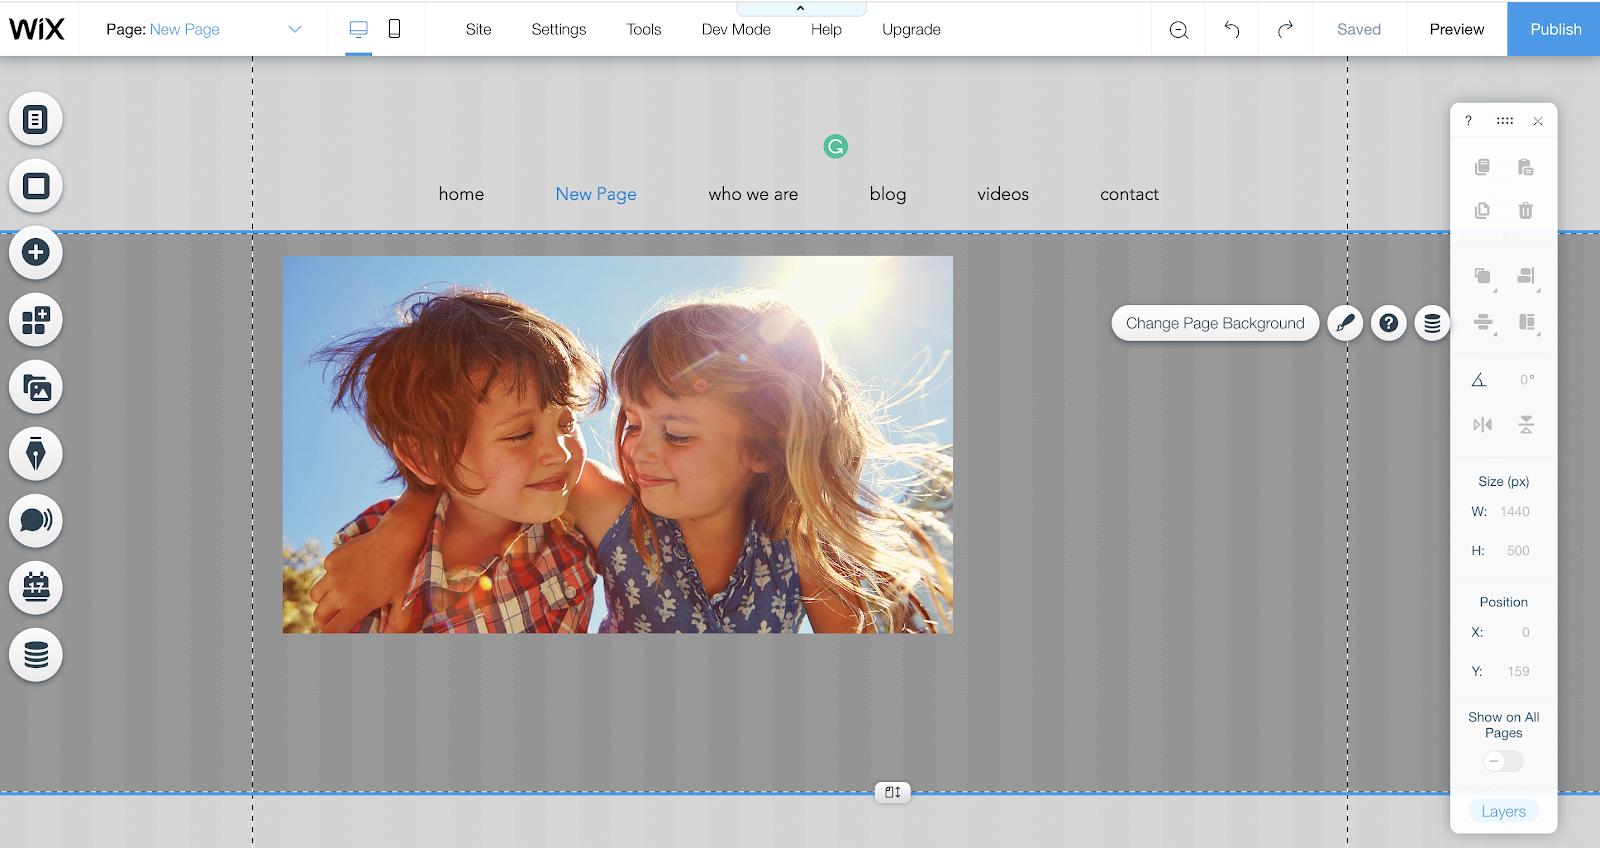 Captura de pantalla del tutorial de Wix Content Editor